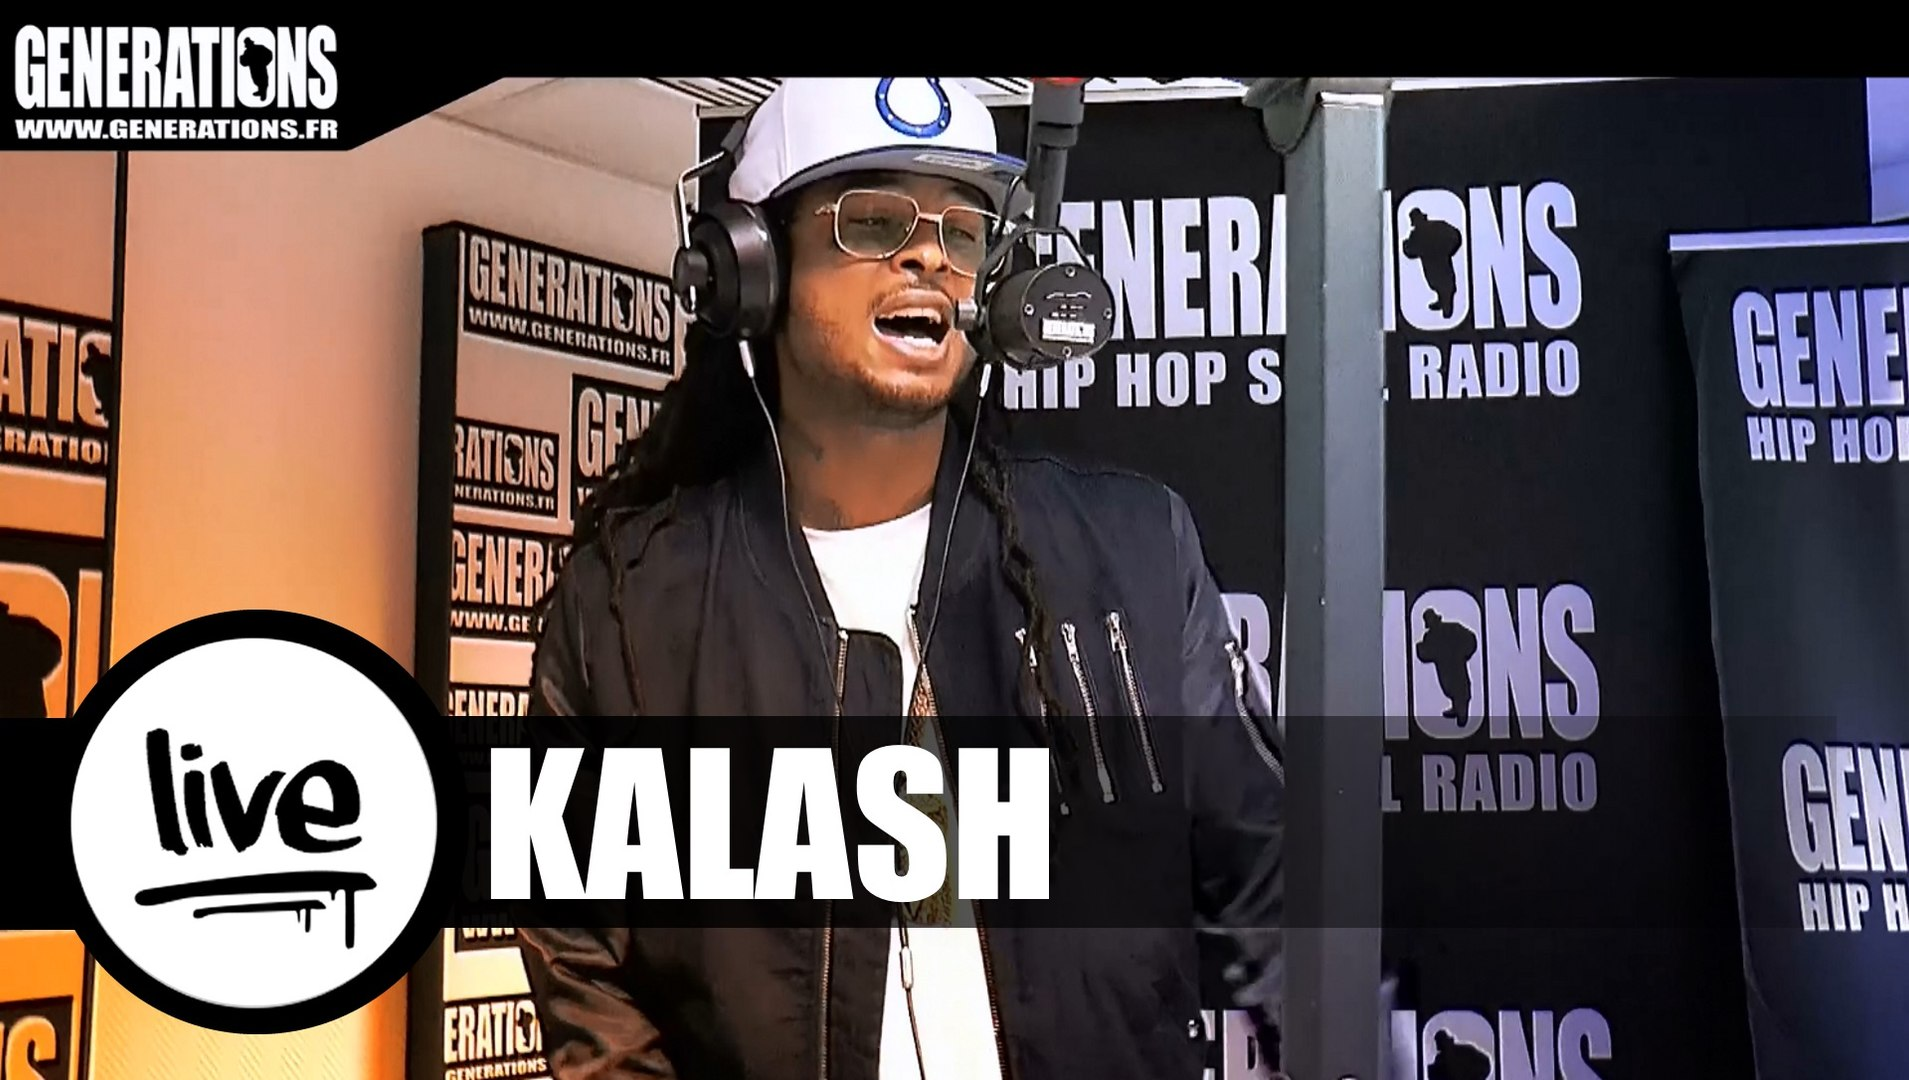 Kalash - Bando (Live des studios de Generations)